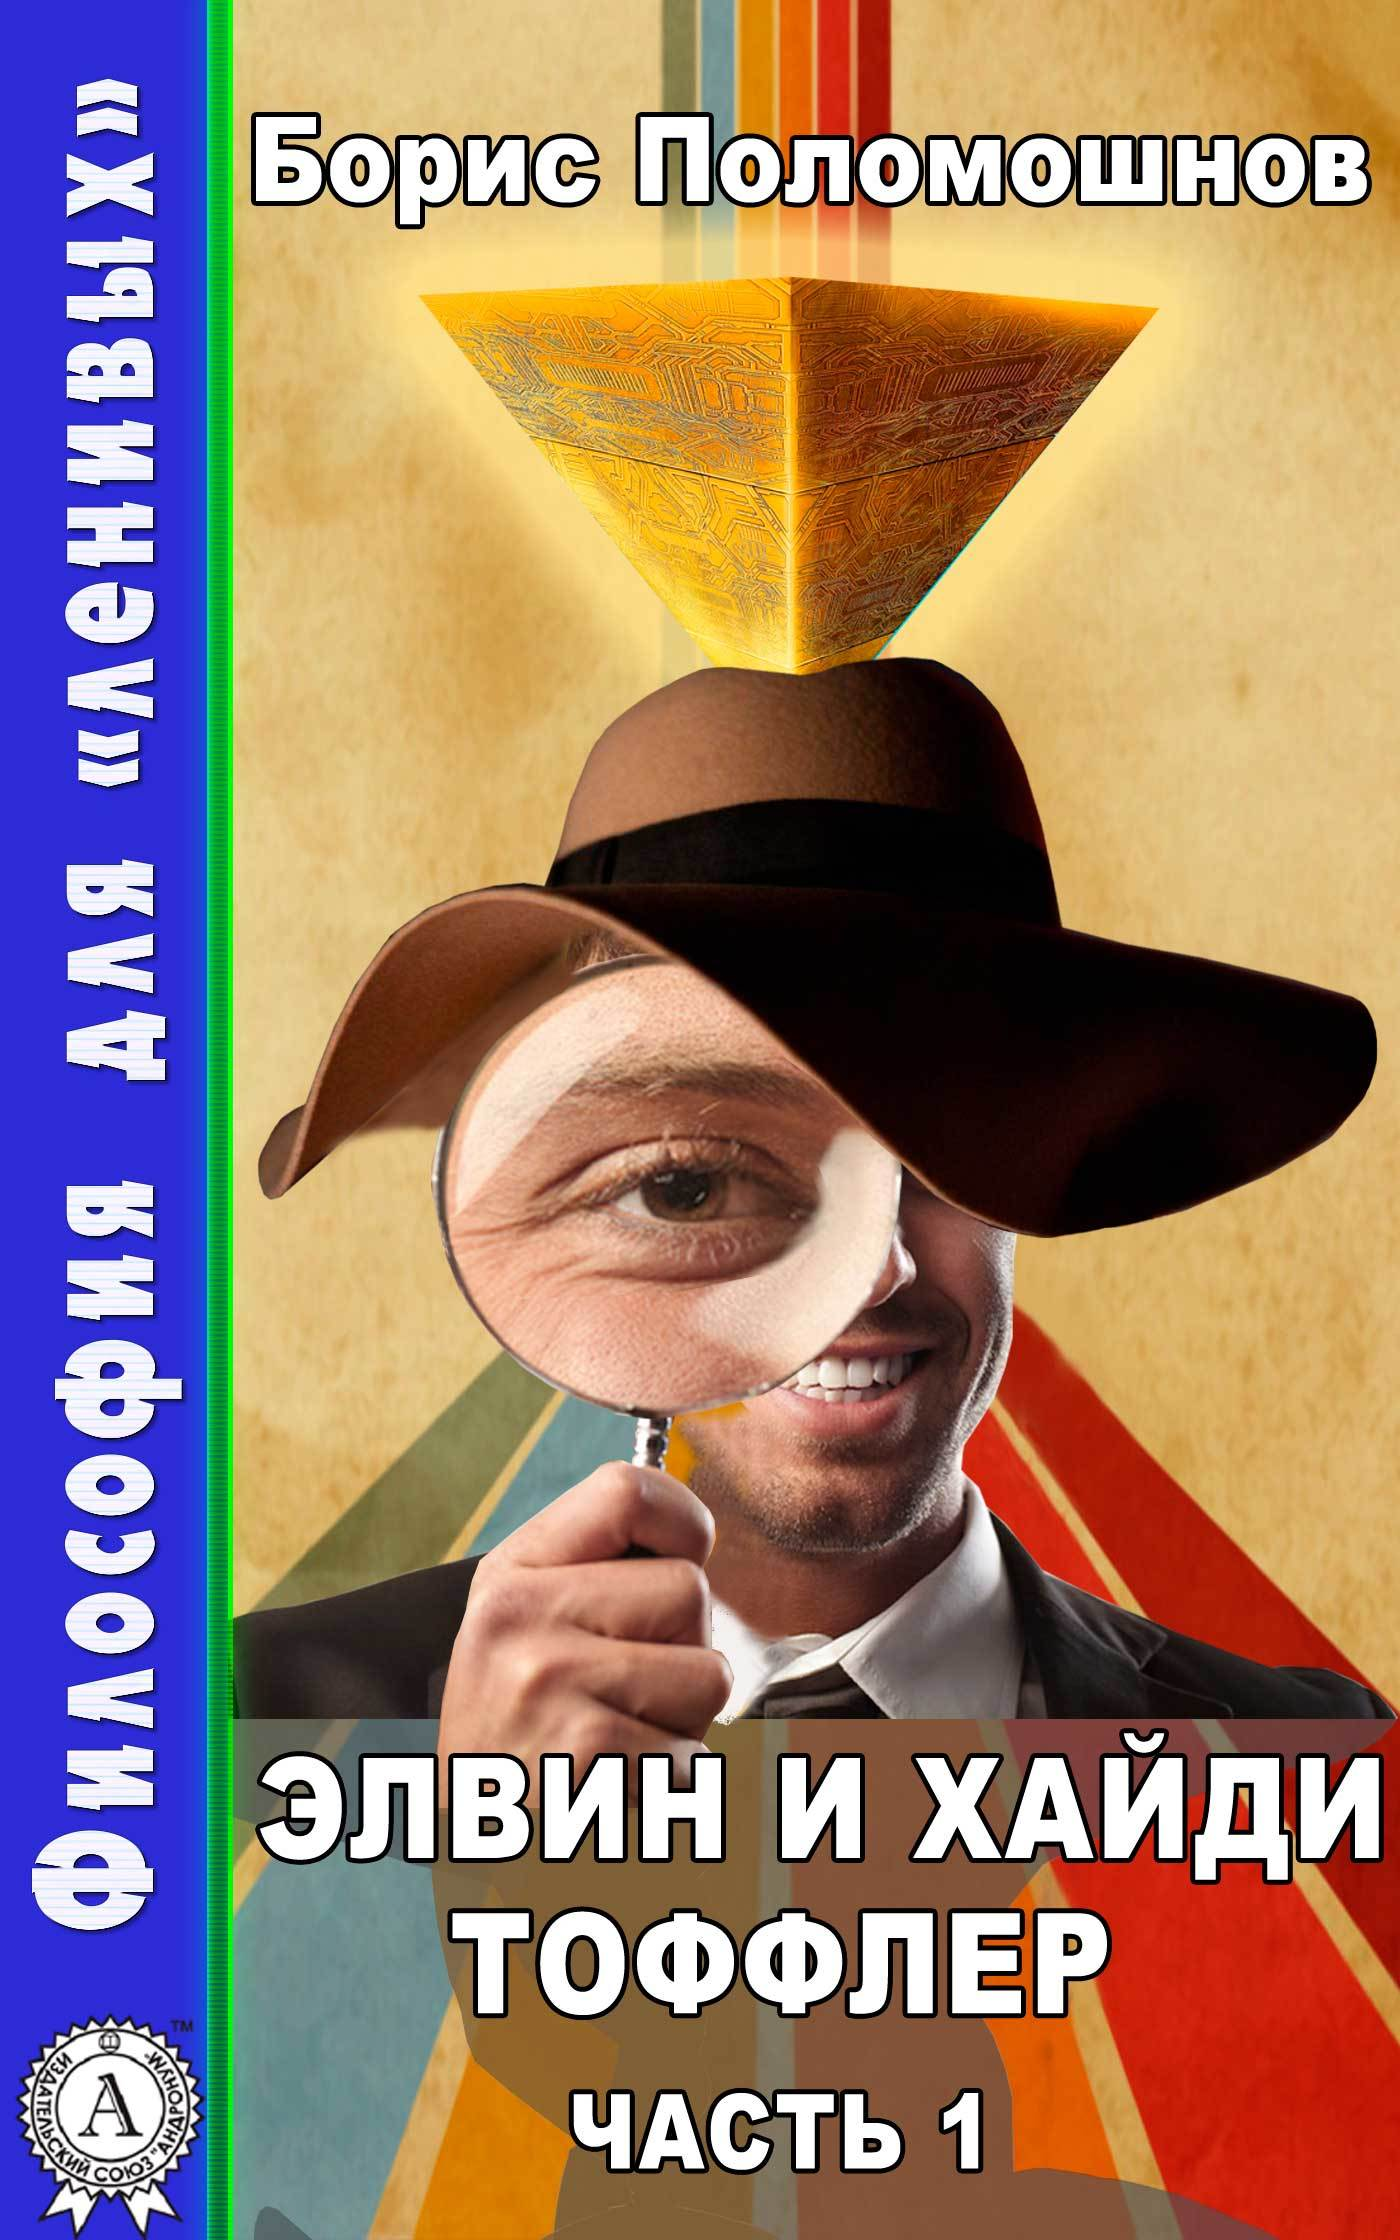 Борис Поломошнов - Элвин и Хайди Тоффлер. Часть 1